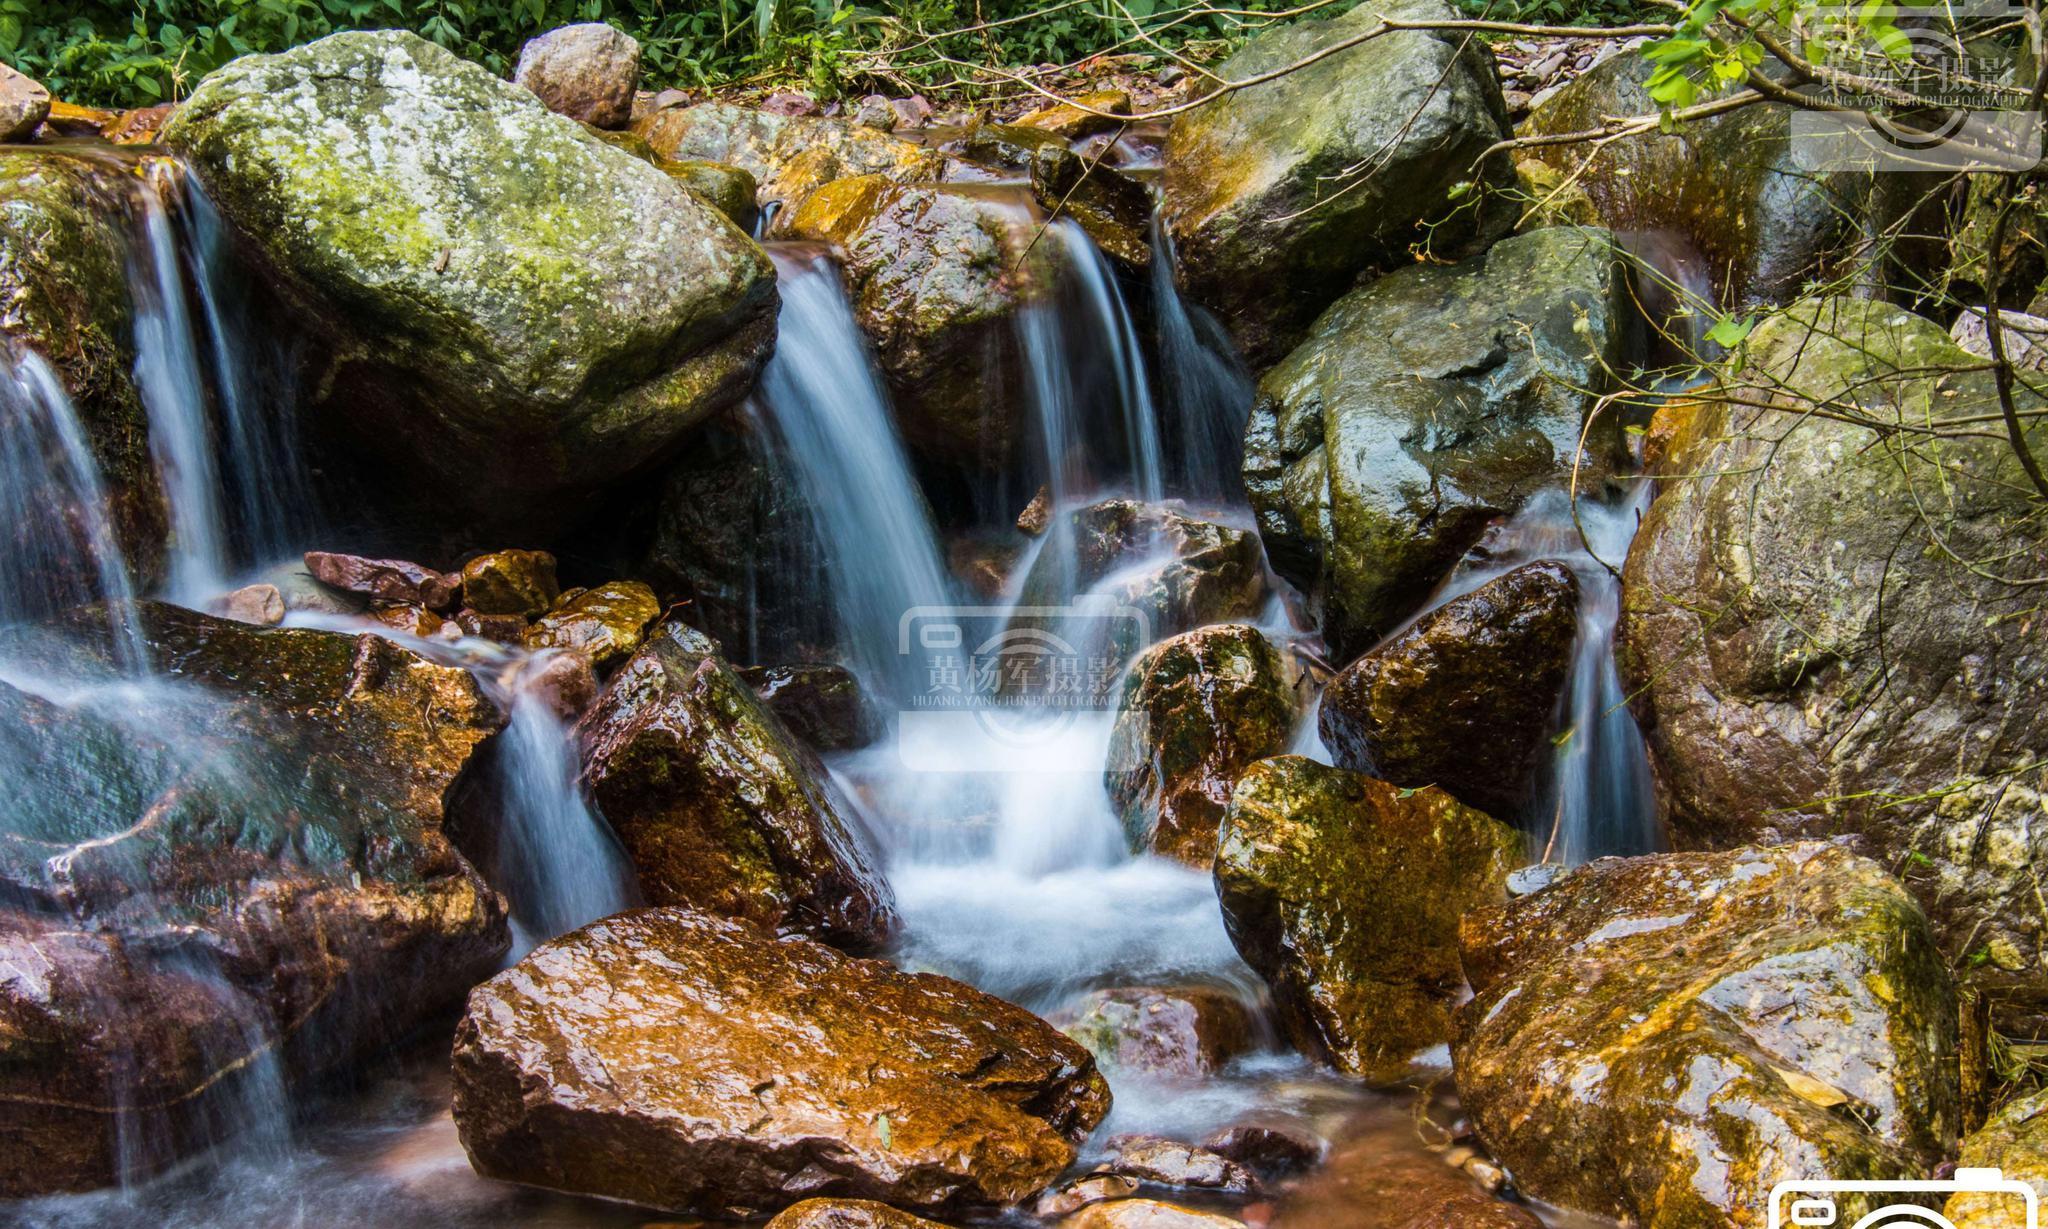 于都县上坪村南坑山的溪流瀑布